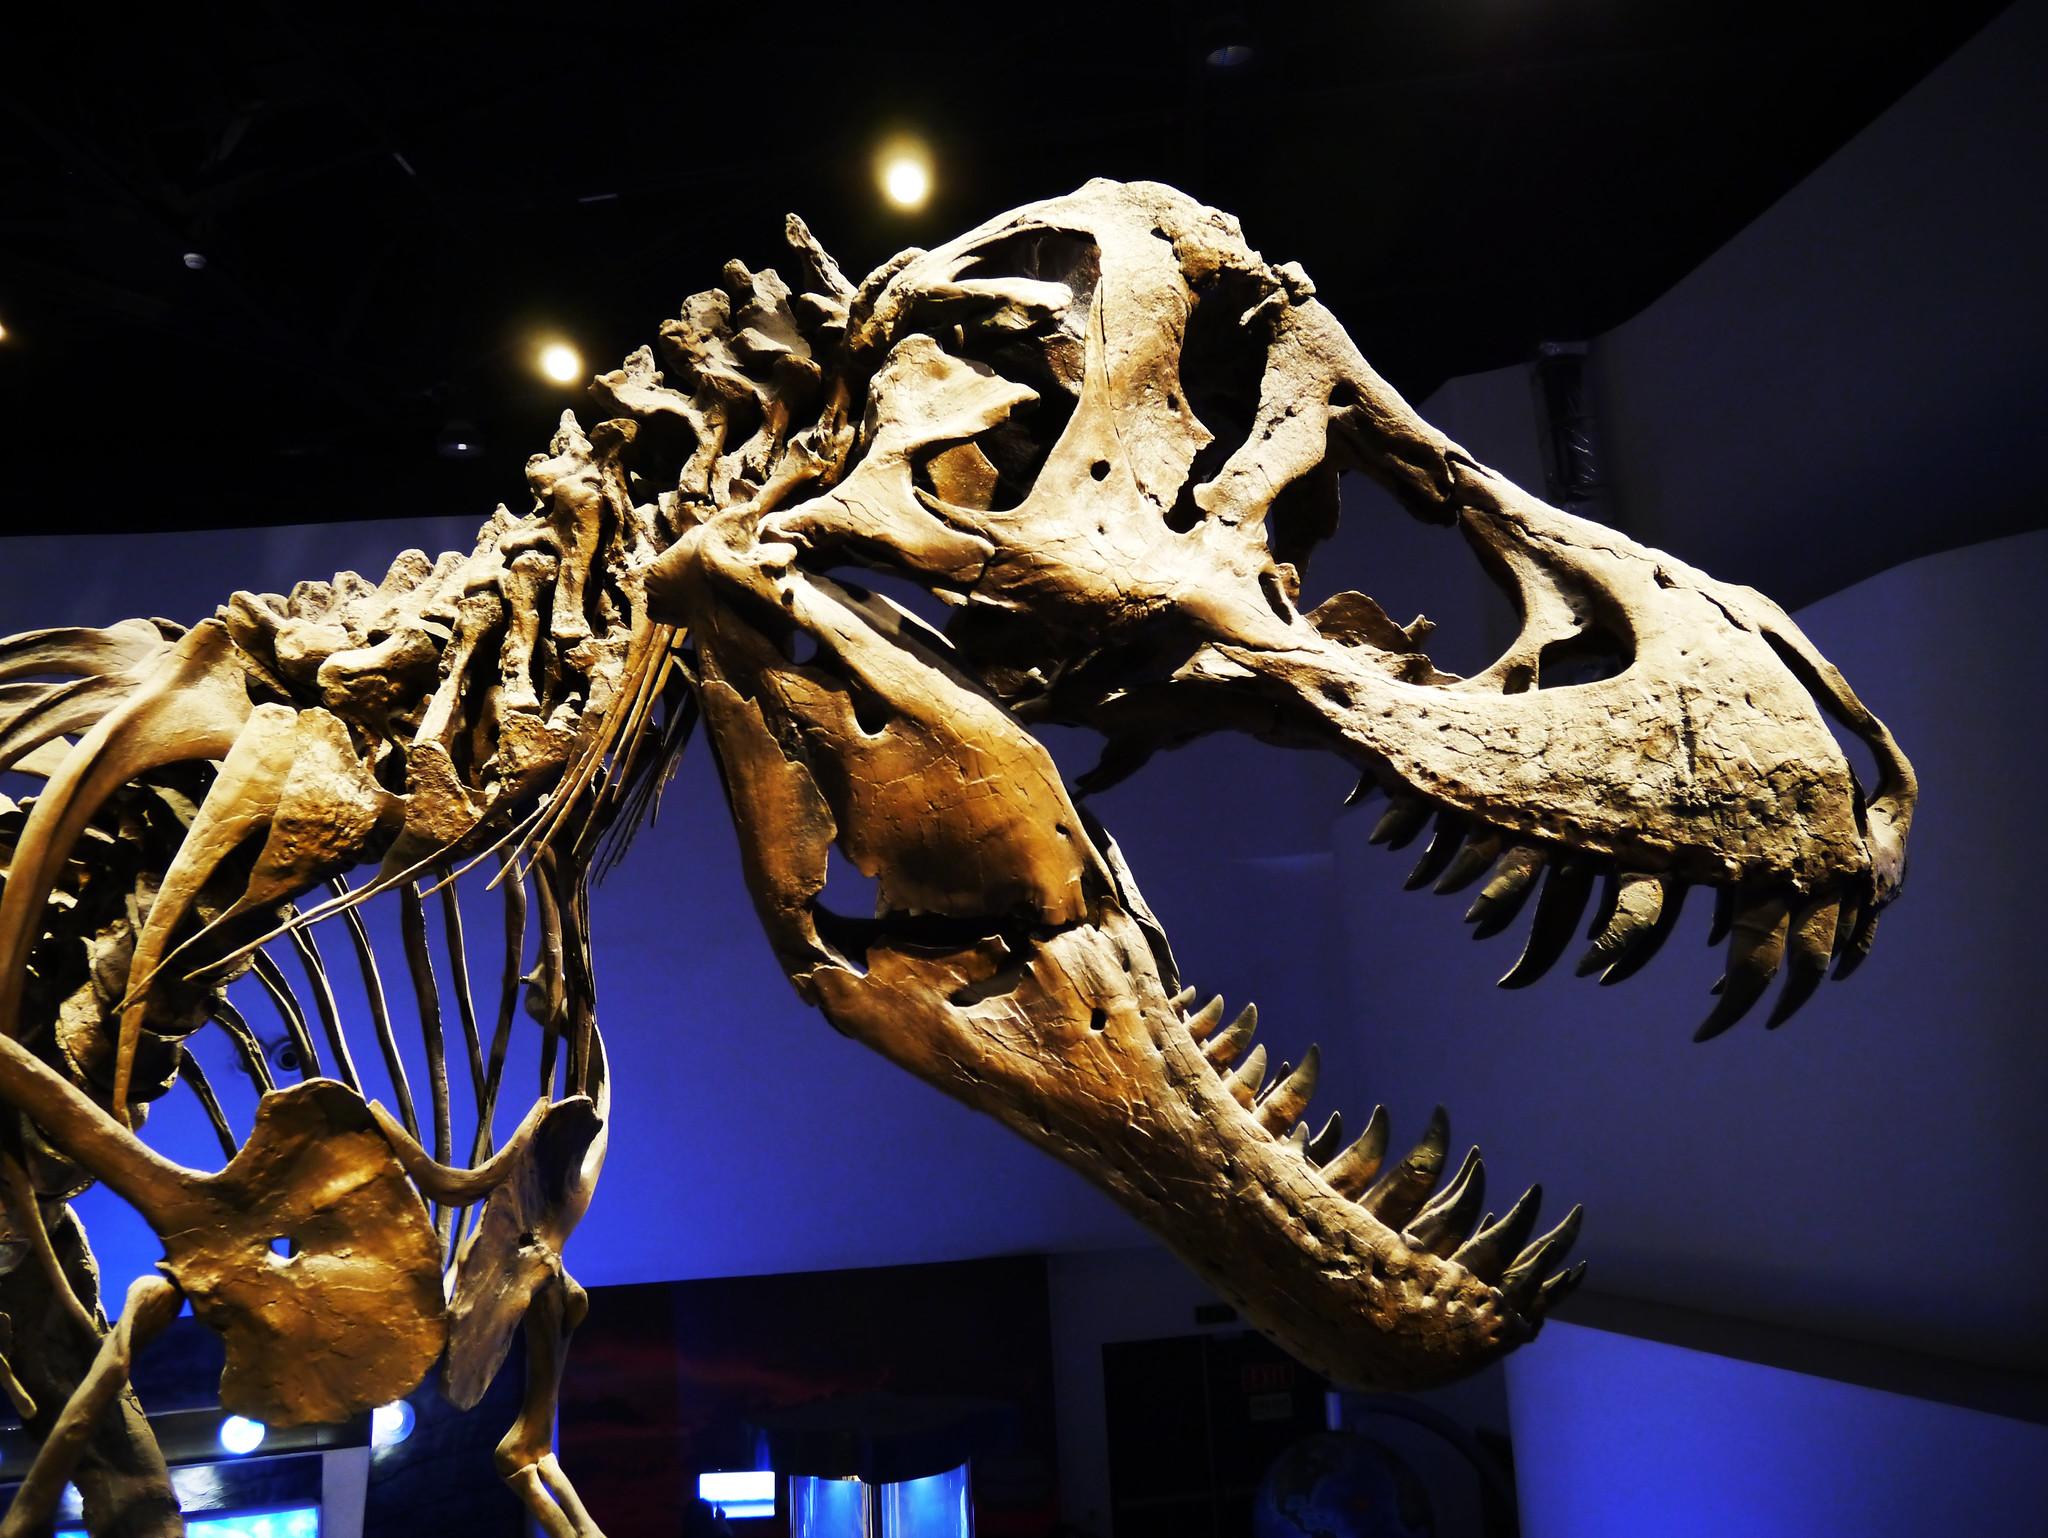 Kopf und Schulterpartie eines T-rex Skelett in der Seitenansicht